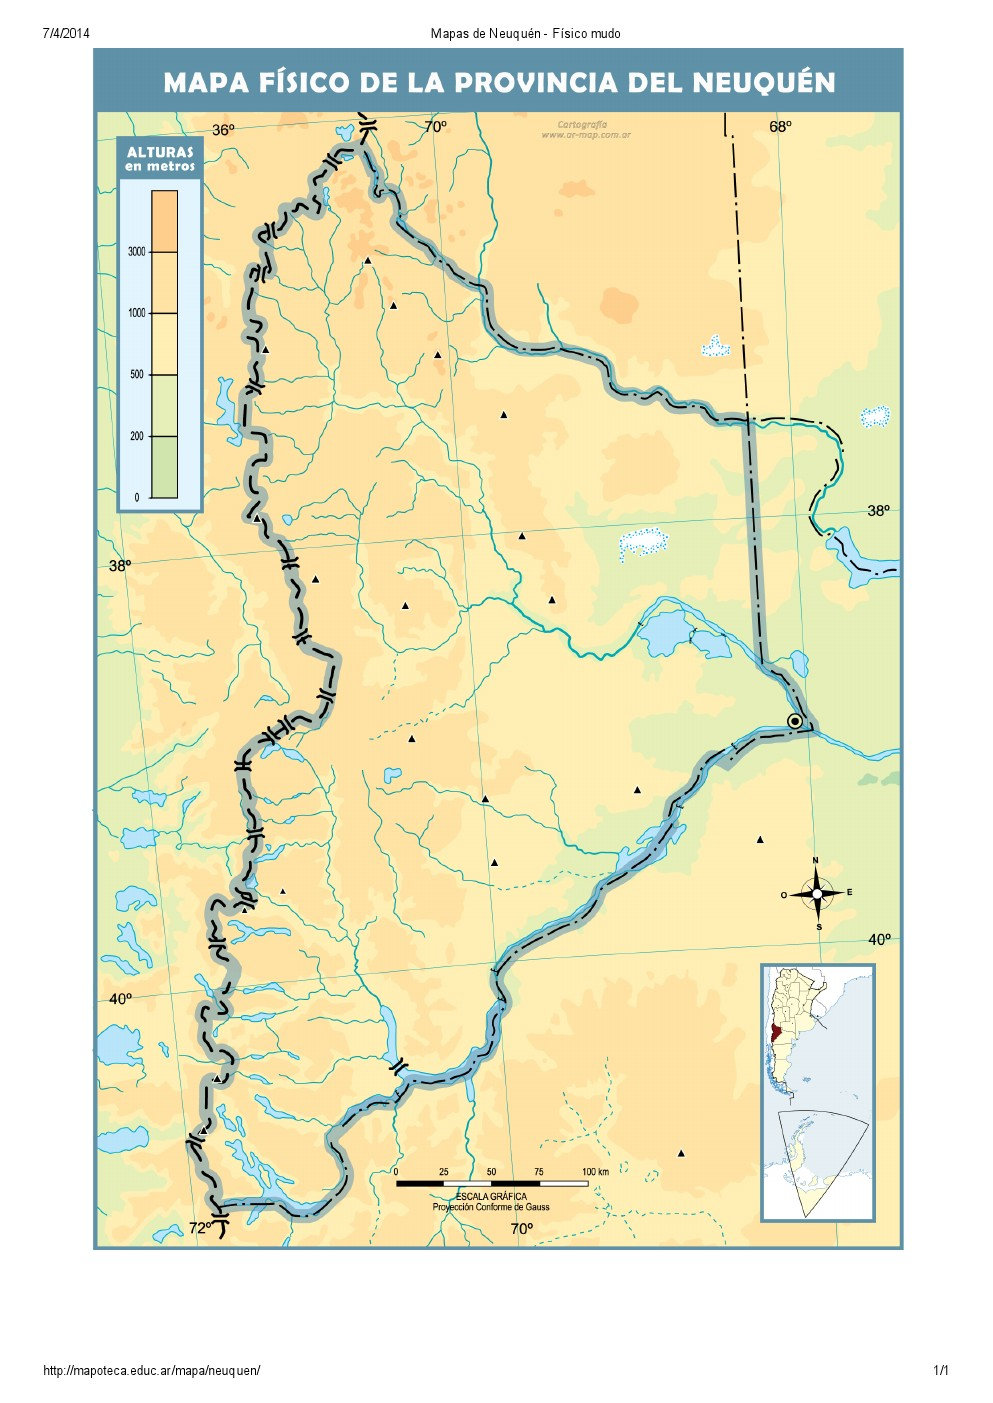 Mapa mudo de ríos de Neuquén. Mapoteca de Educ.ar